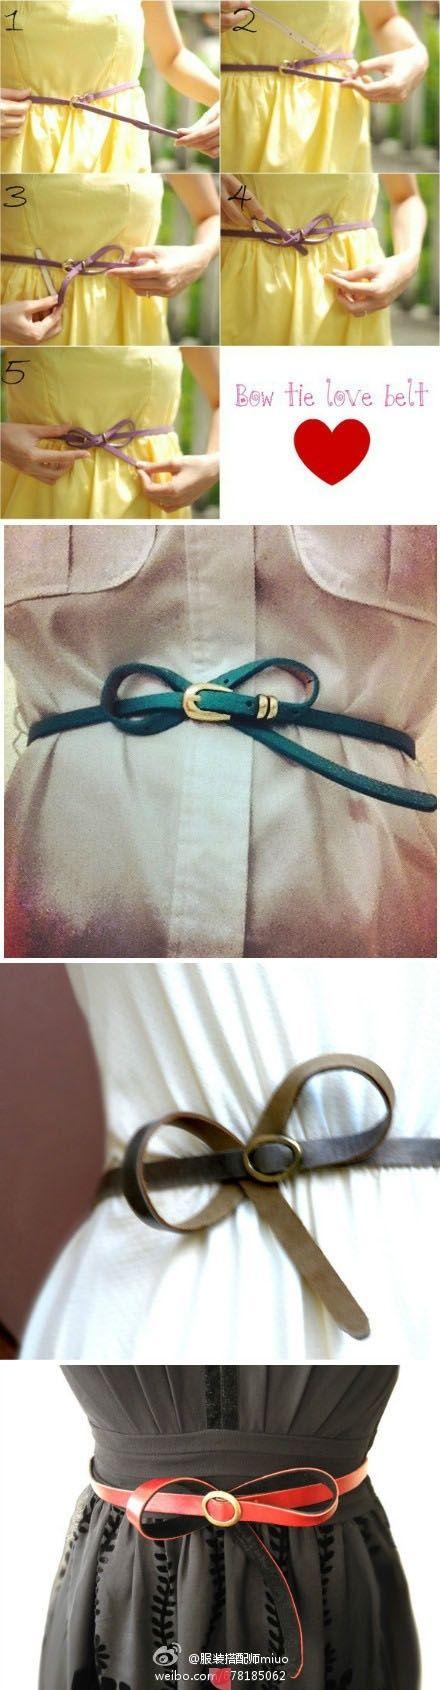 Cuando el cinto es fino y largo, lo podemos atar como una moña | When the belt is thin and long, we can tie it as a bow #asesoriadeimagen #imageconsulting